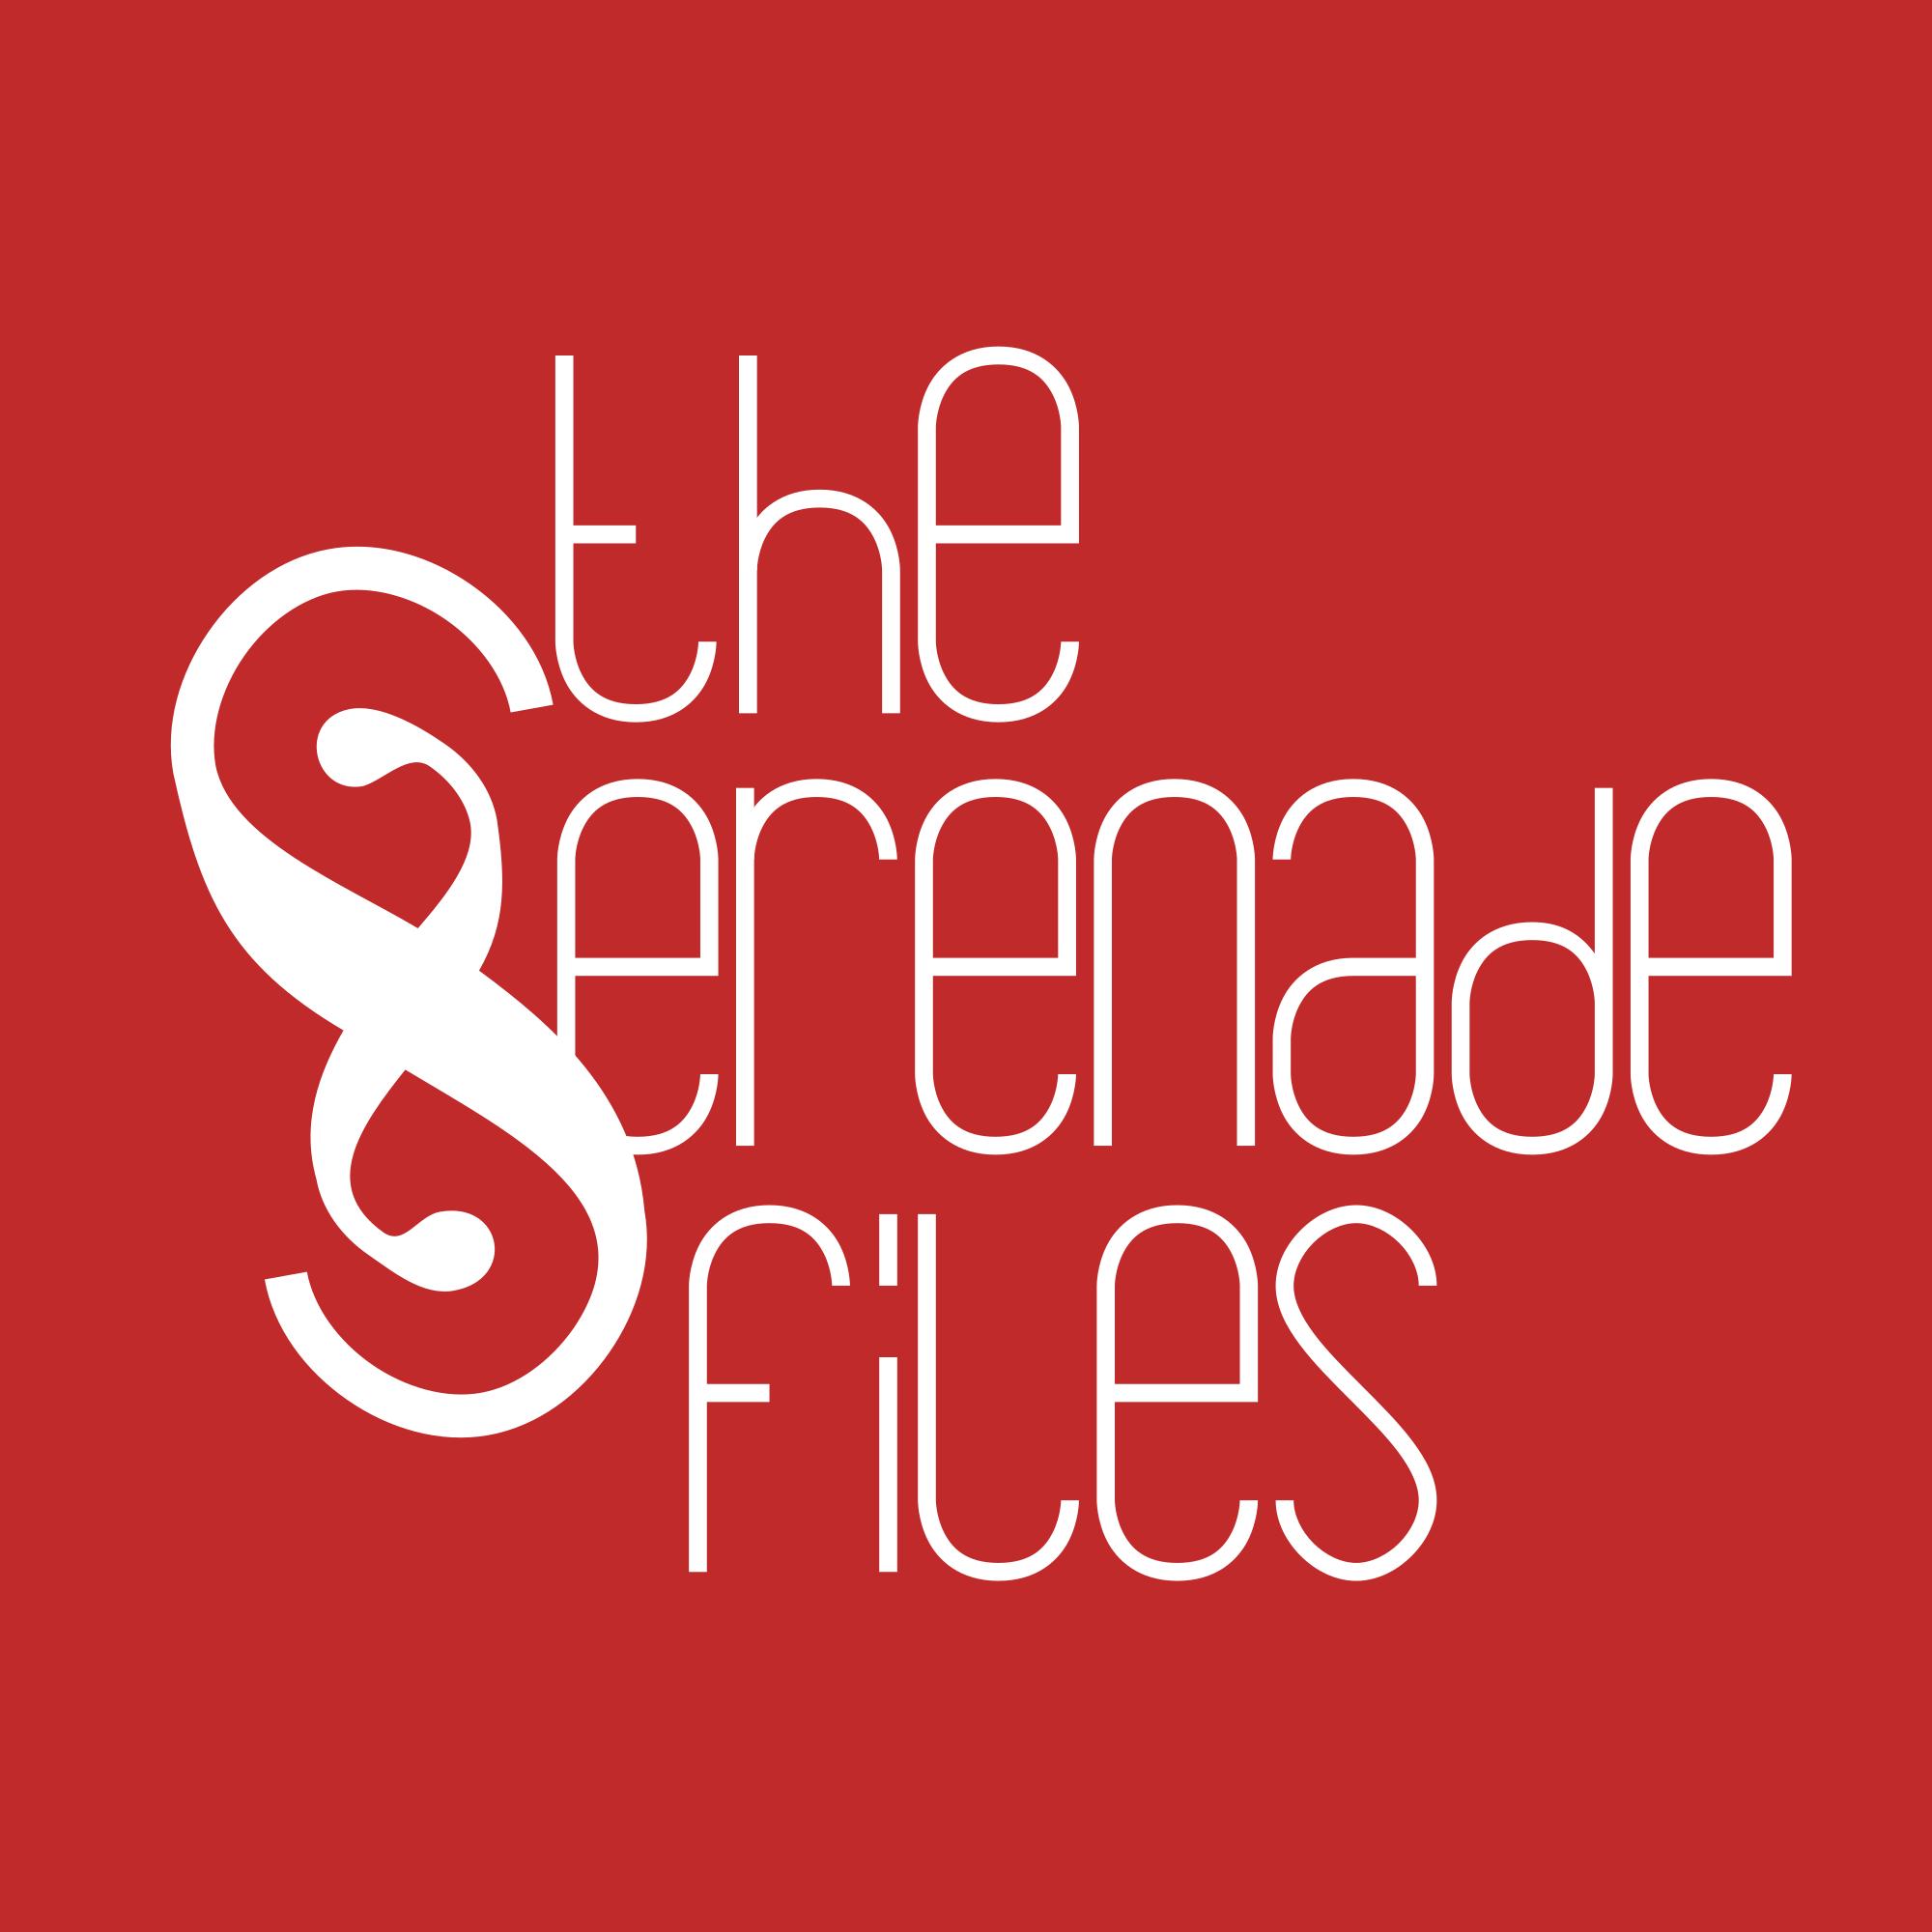 serenade.png